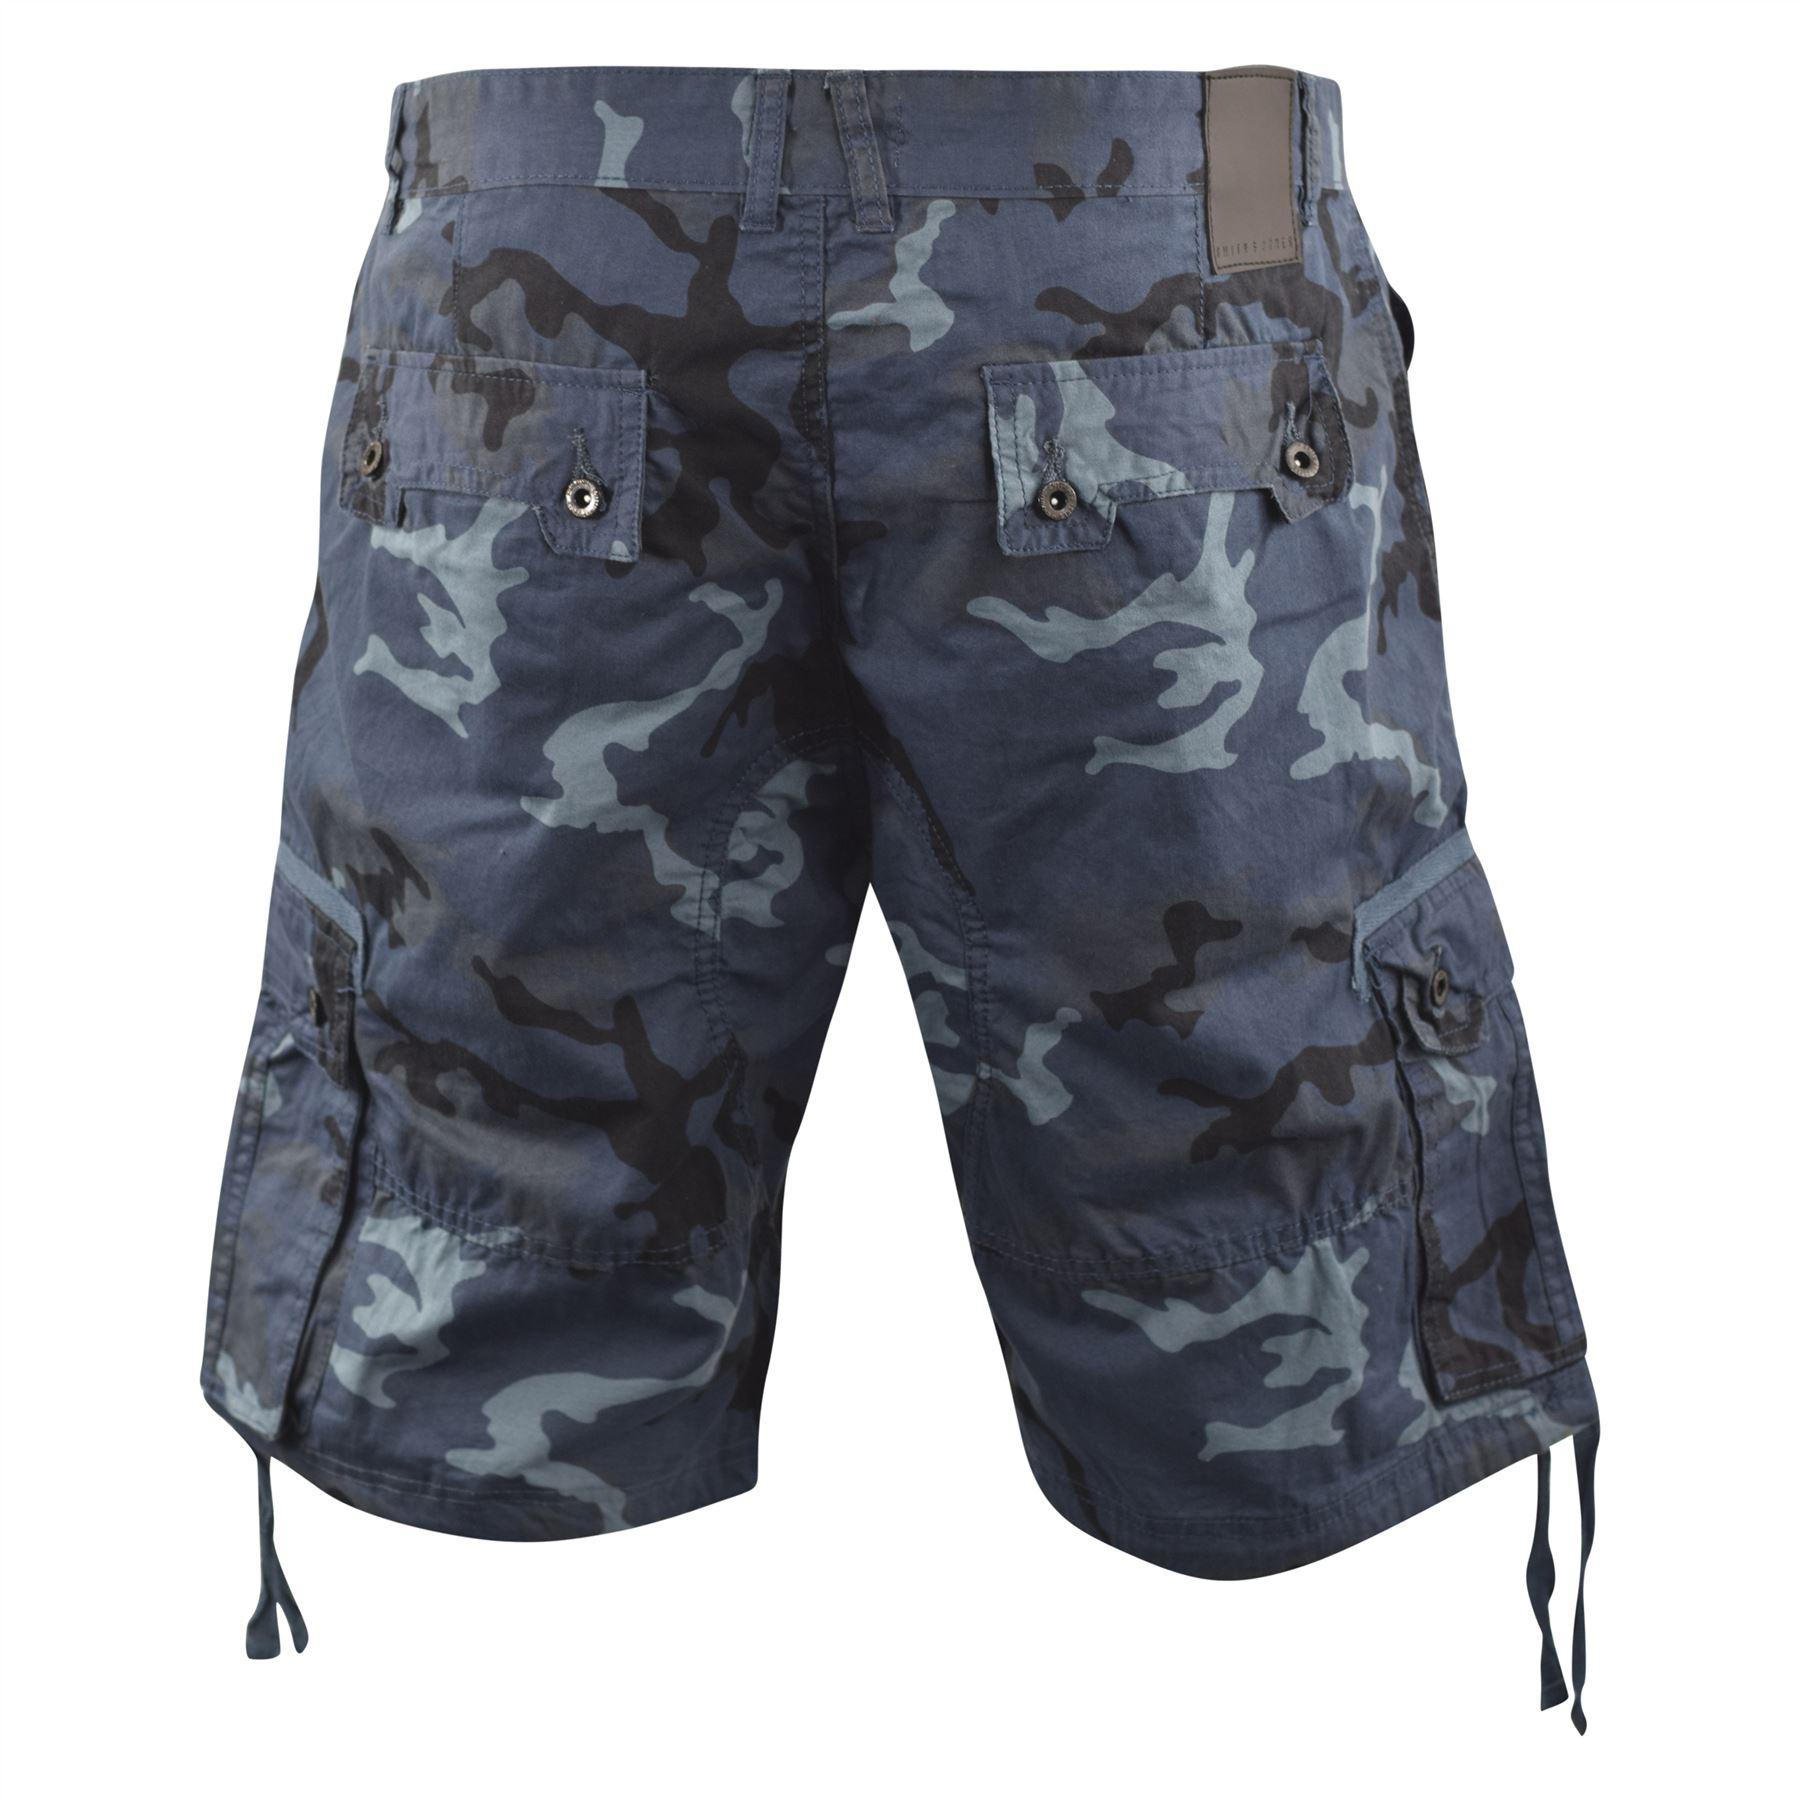 Mens Chambay Cargo Shorts Smith and Jones Camo Combat Summer Short